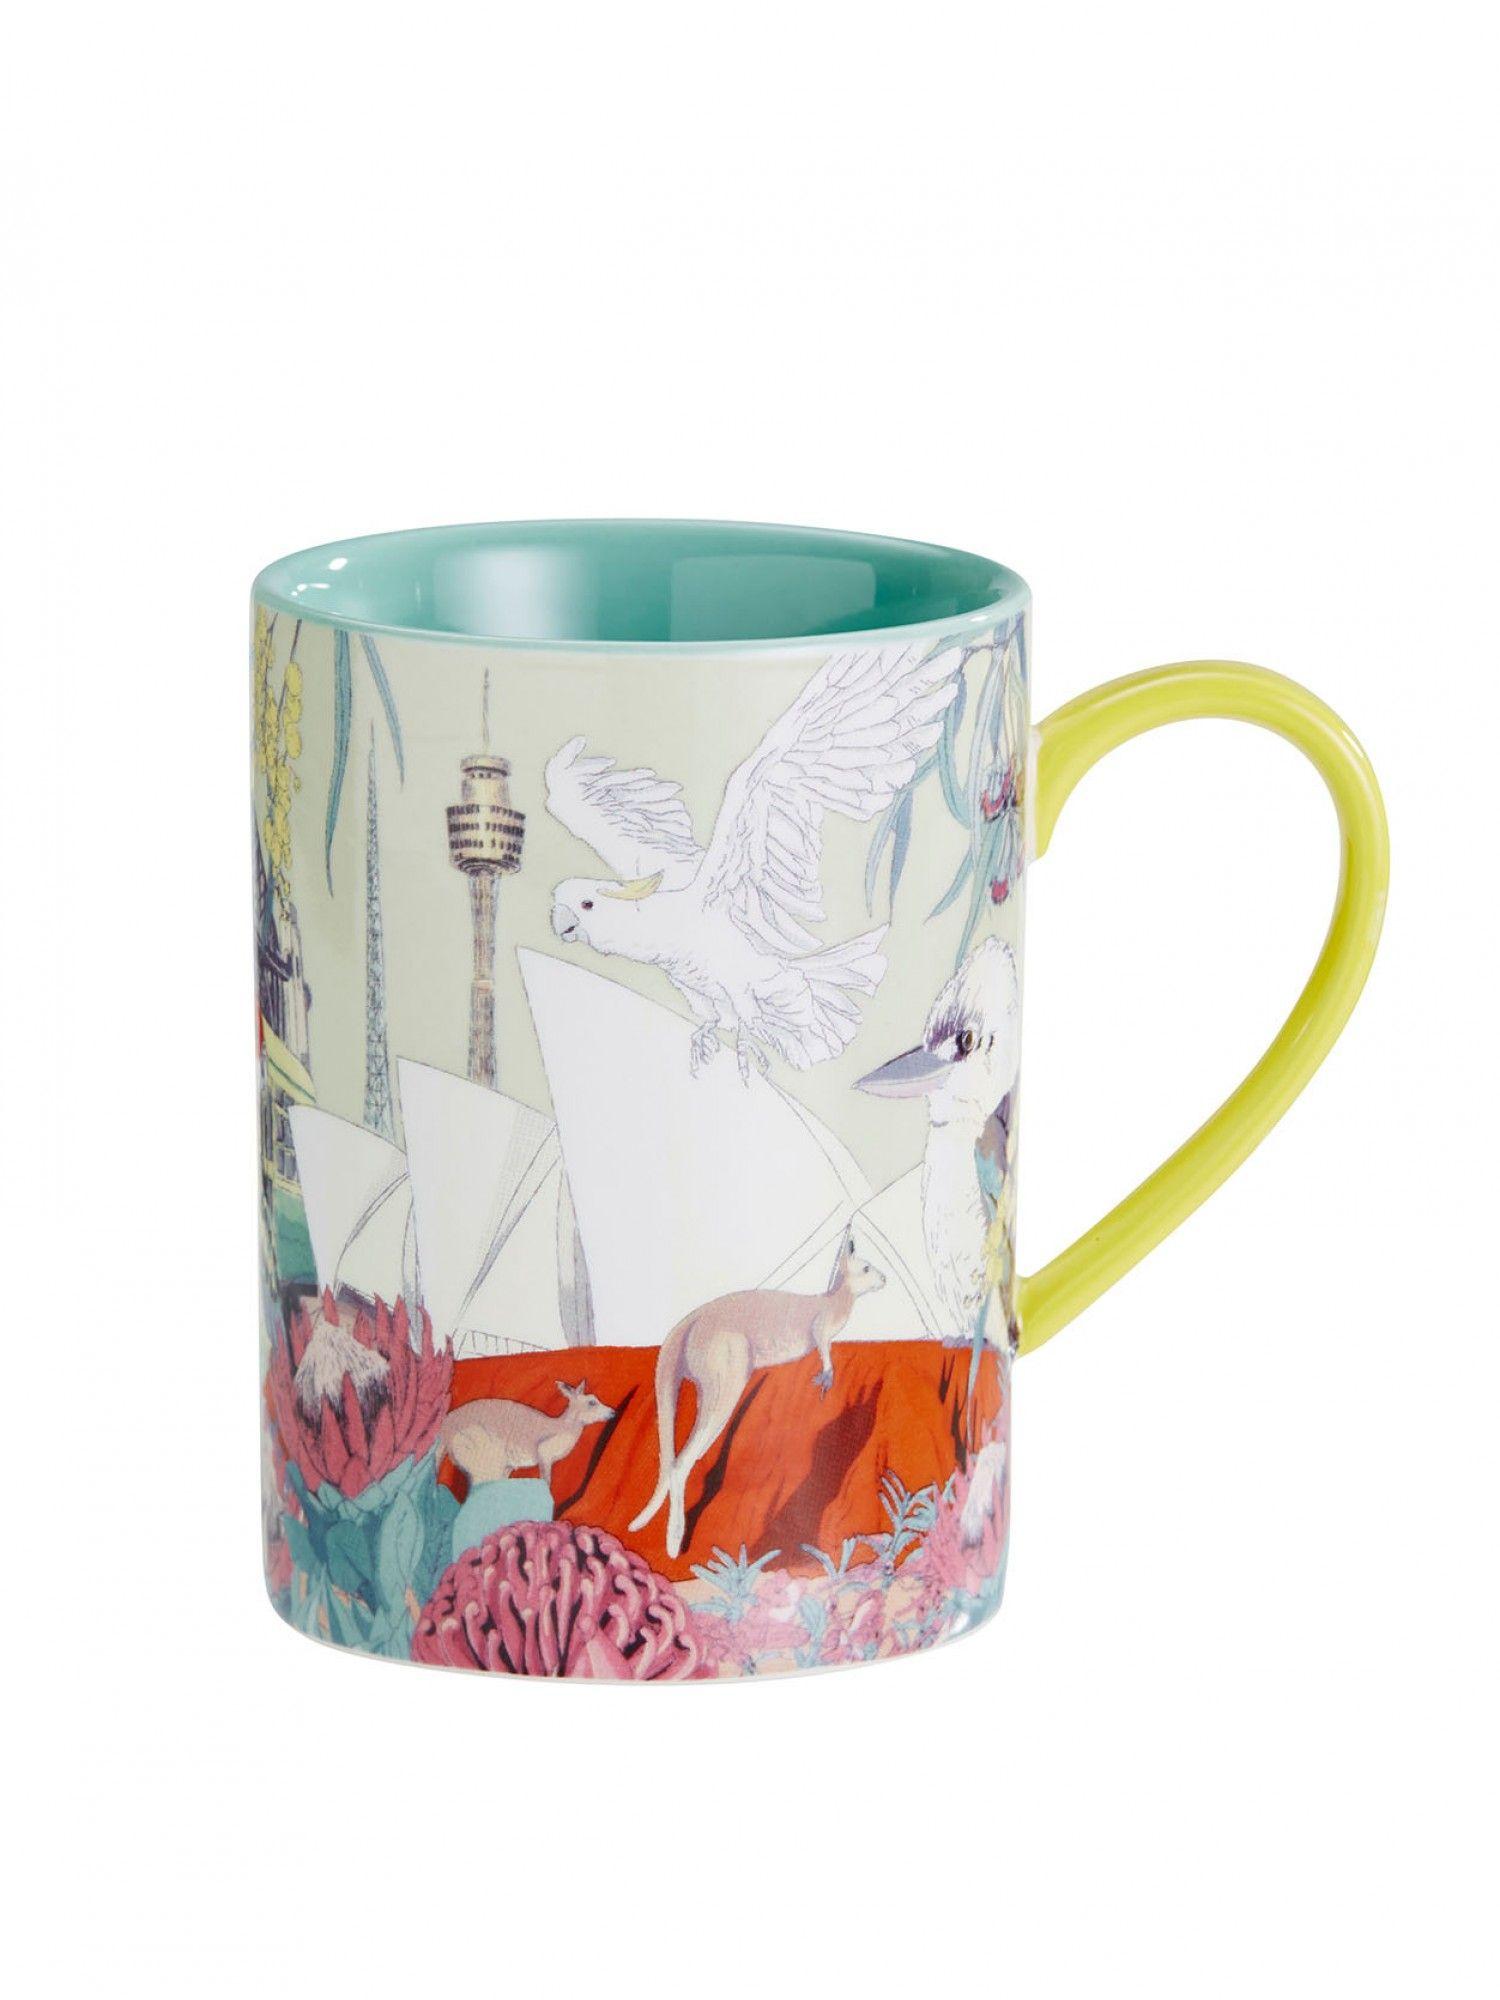 Swan Lake Fabulous Friend New Bone China Mug